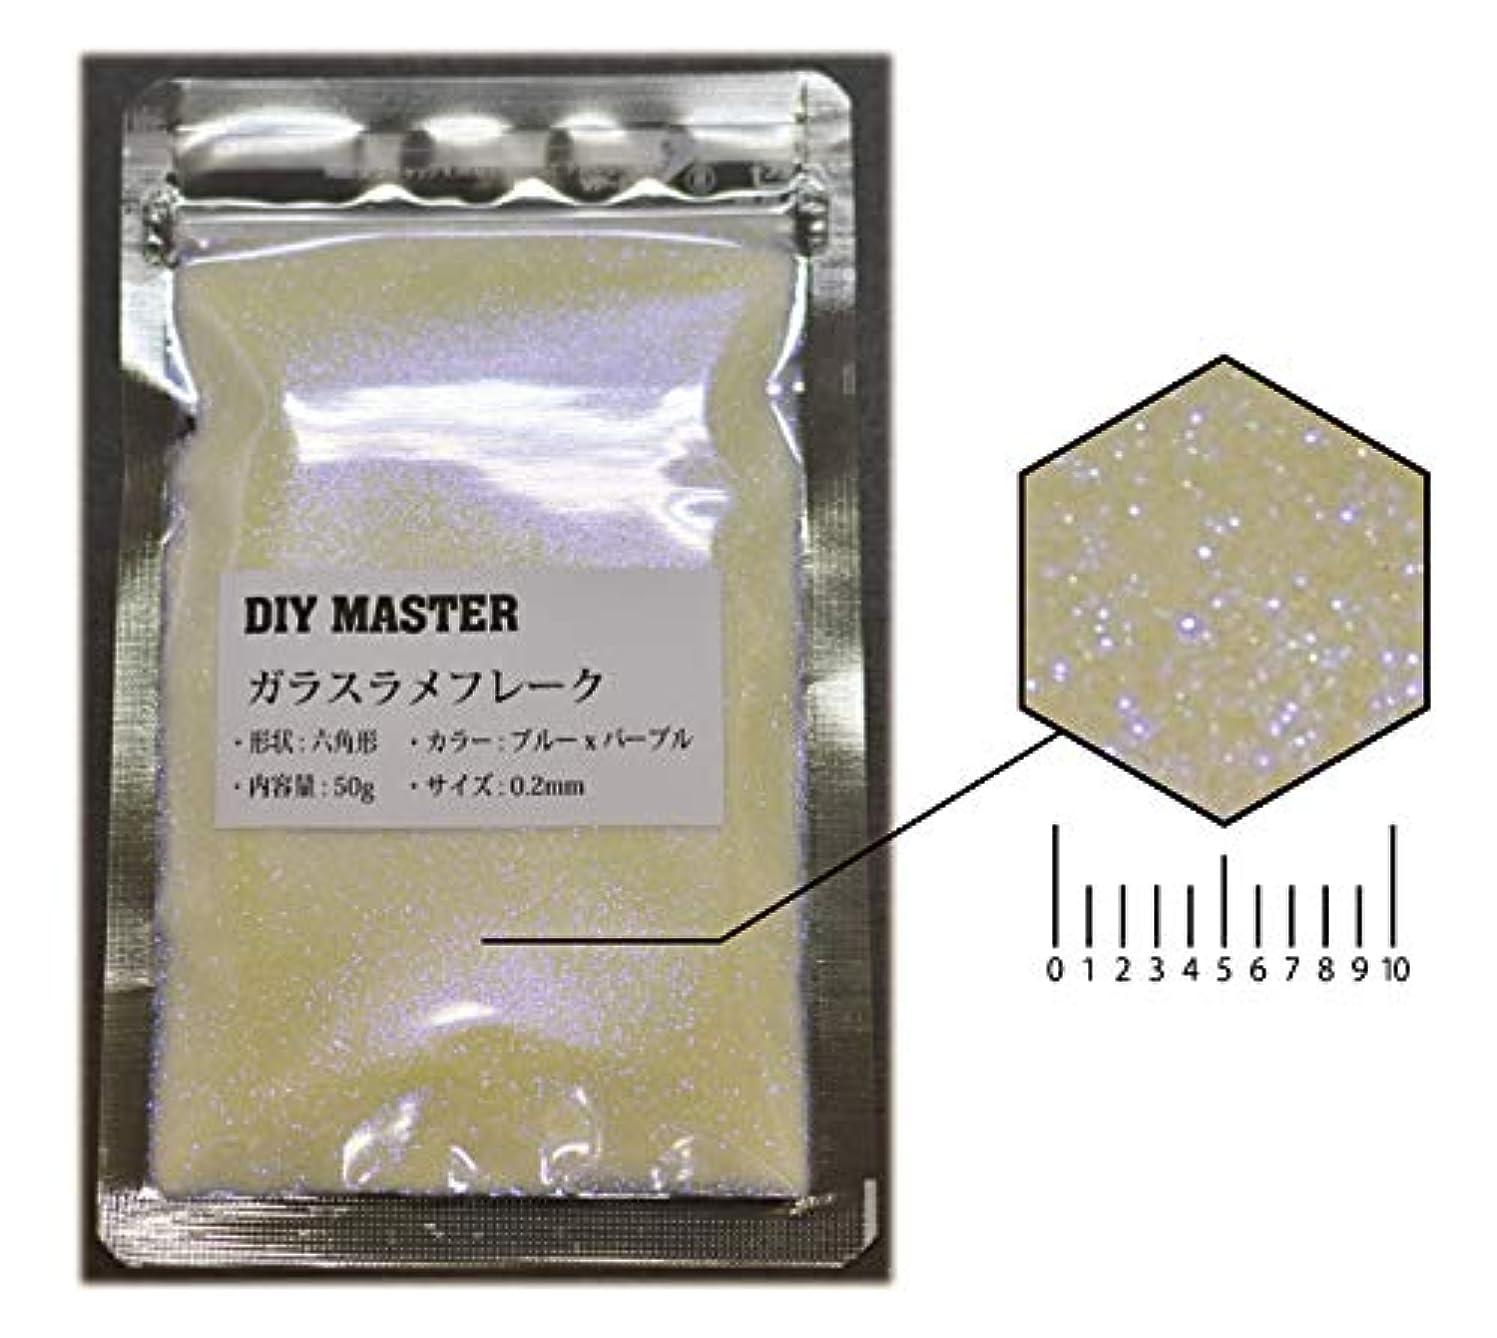 平均アナニバー拘束DIY MASTER ガラスラメフレーク (偏光) ブルーxパープル 0.2mm 50g